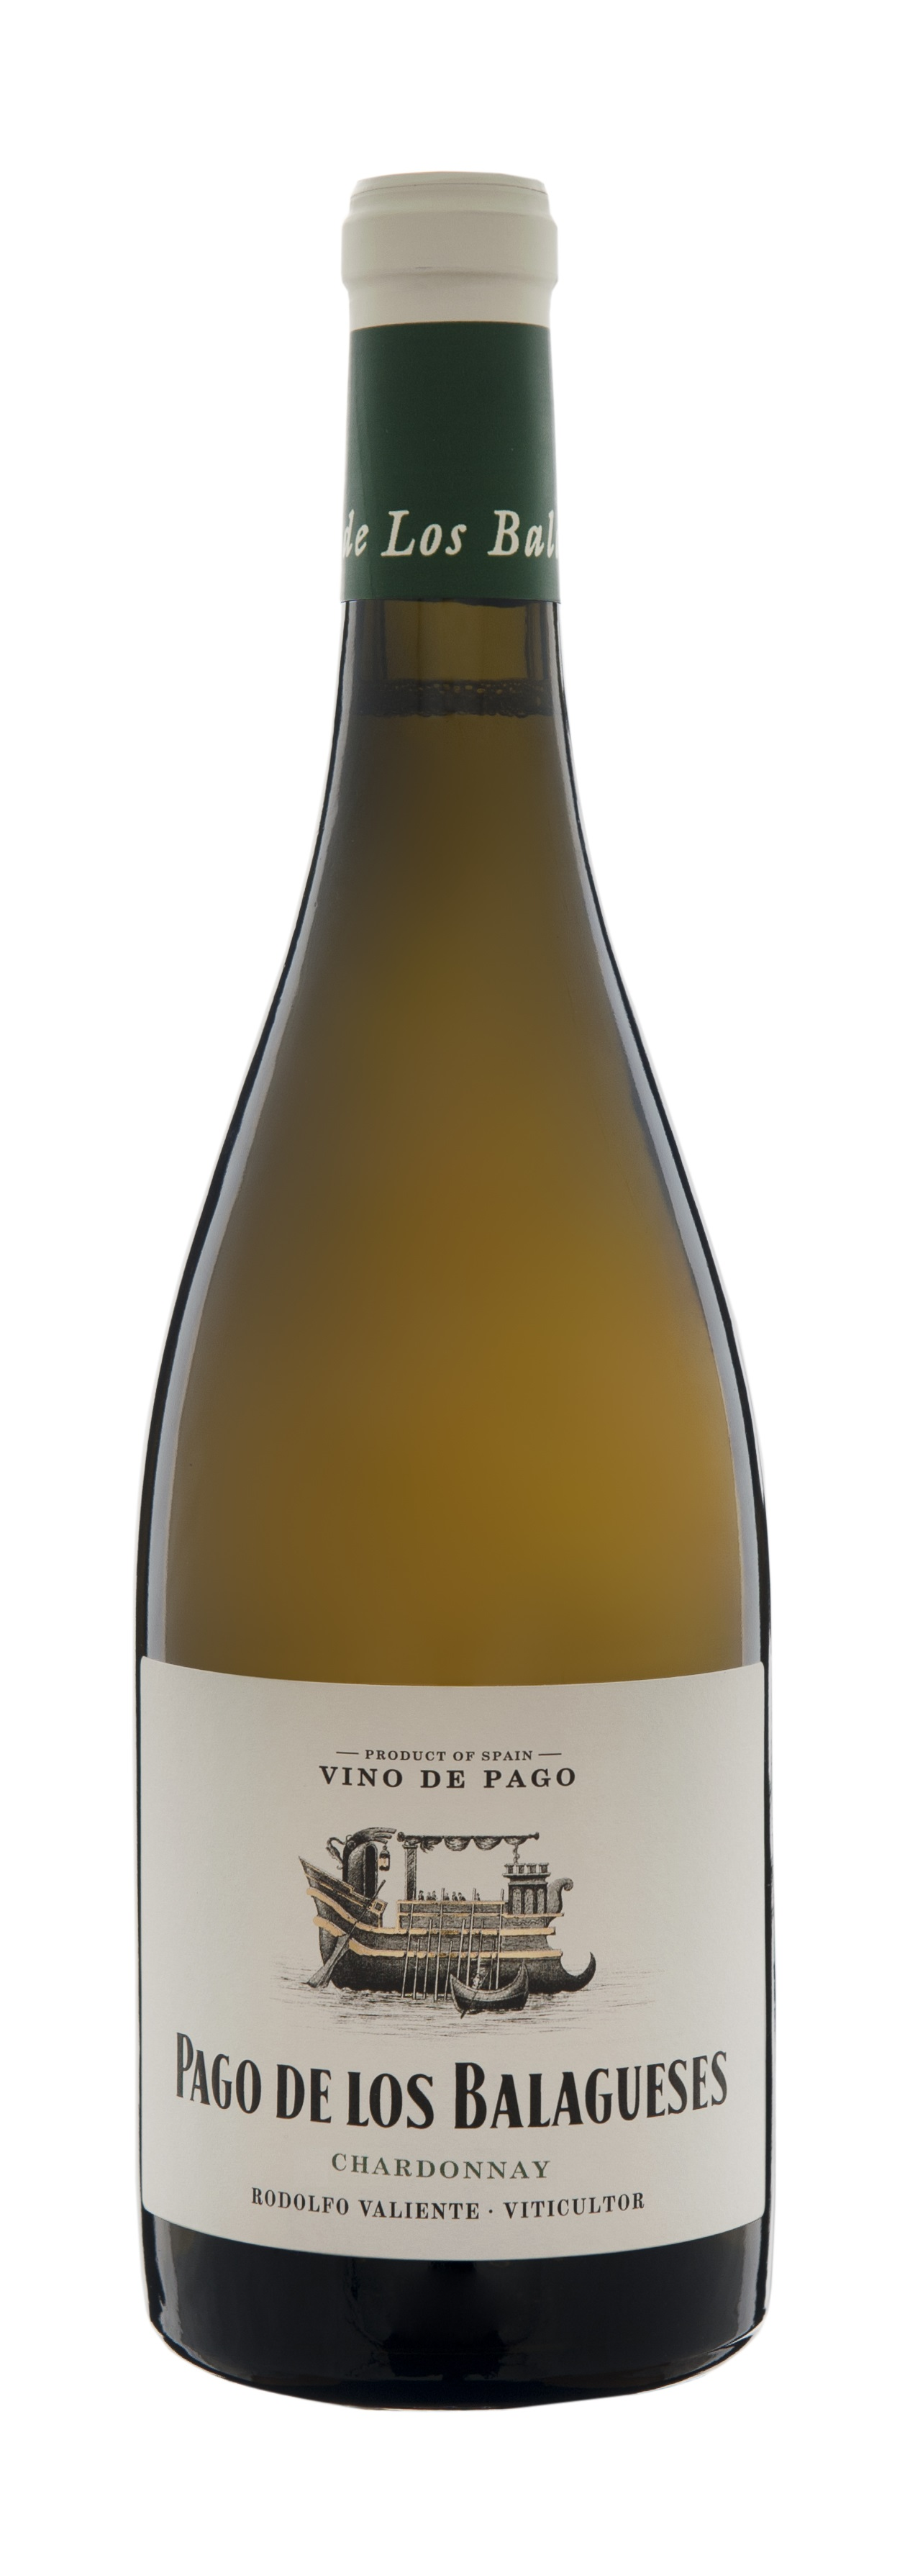 Pago de los Balagueses Chardonnay